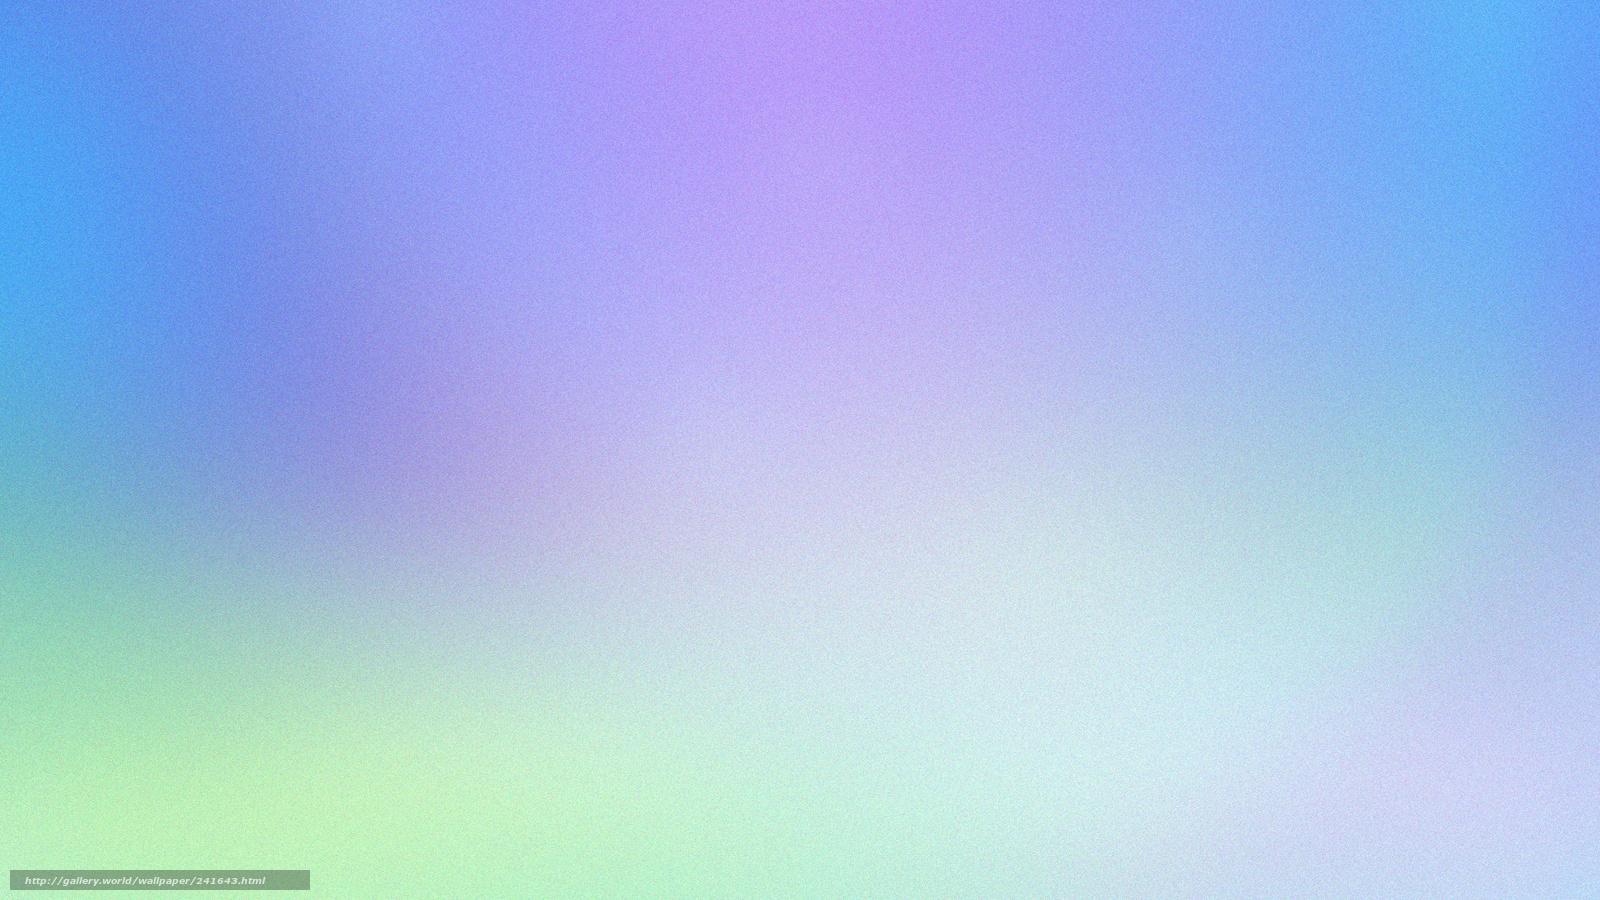 Tlcharger fond d 39 ecran couleur violet bleu vert fonds d for Couleur bleu vert